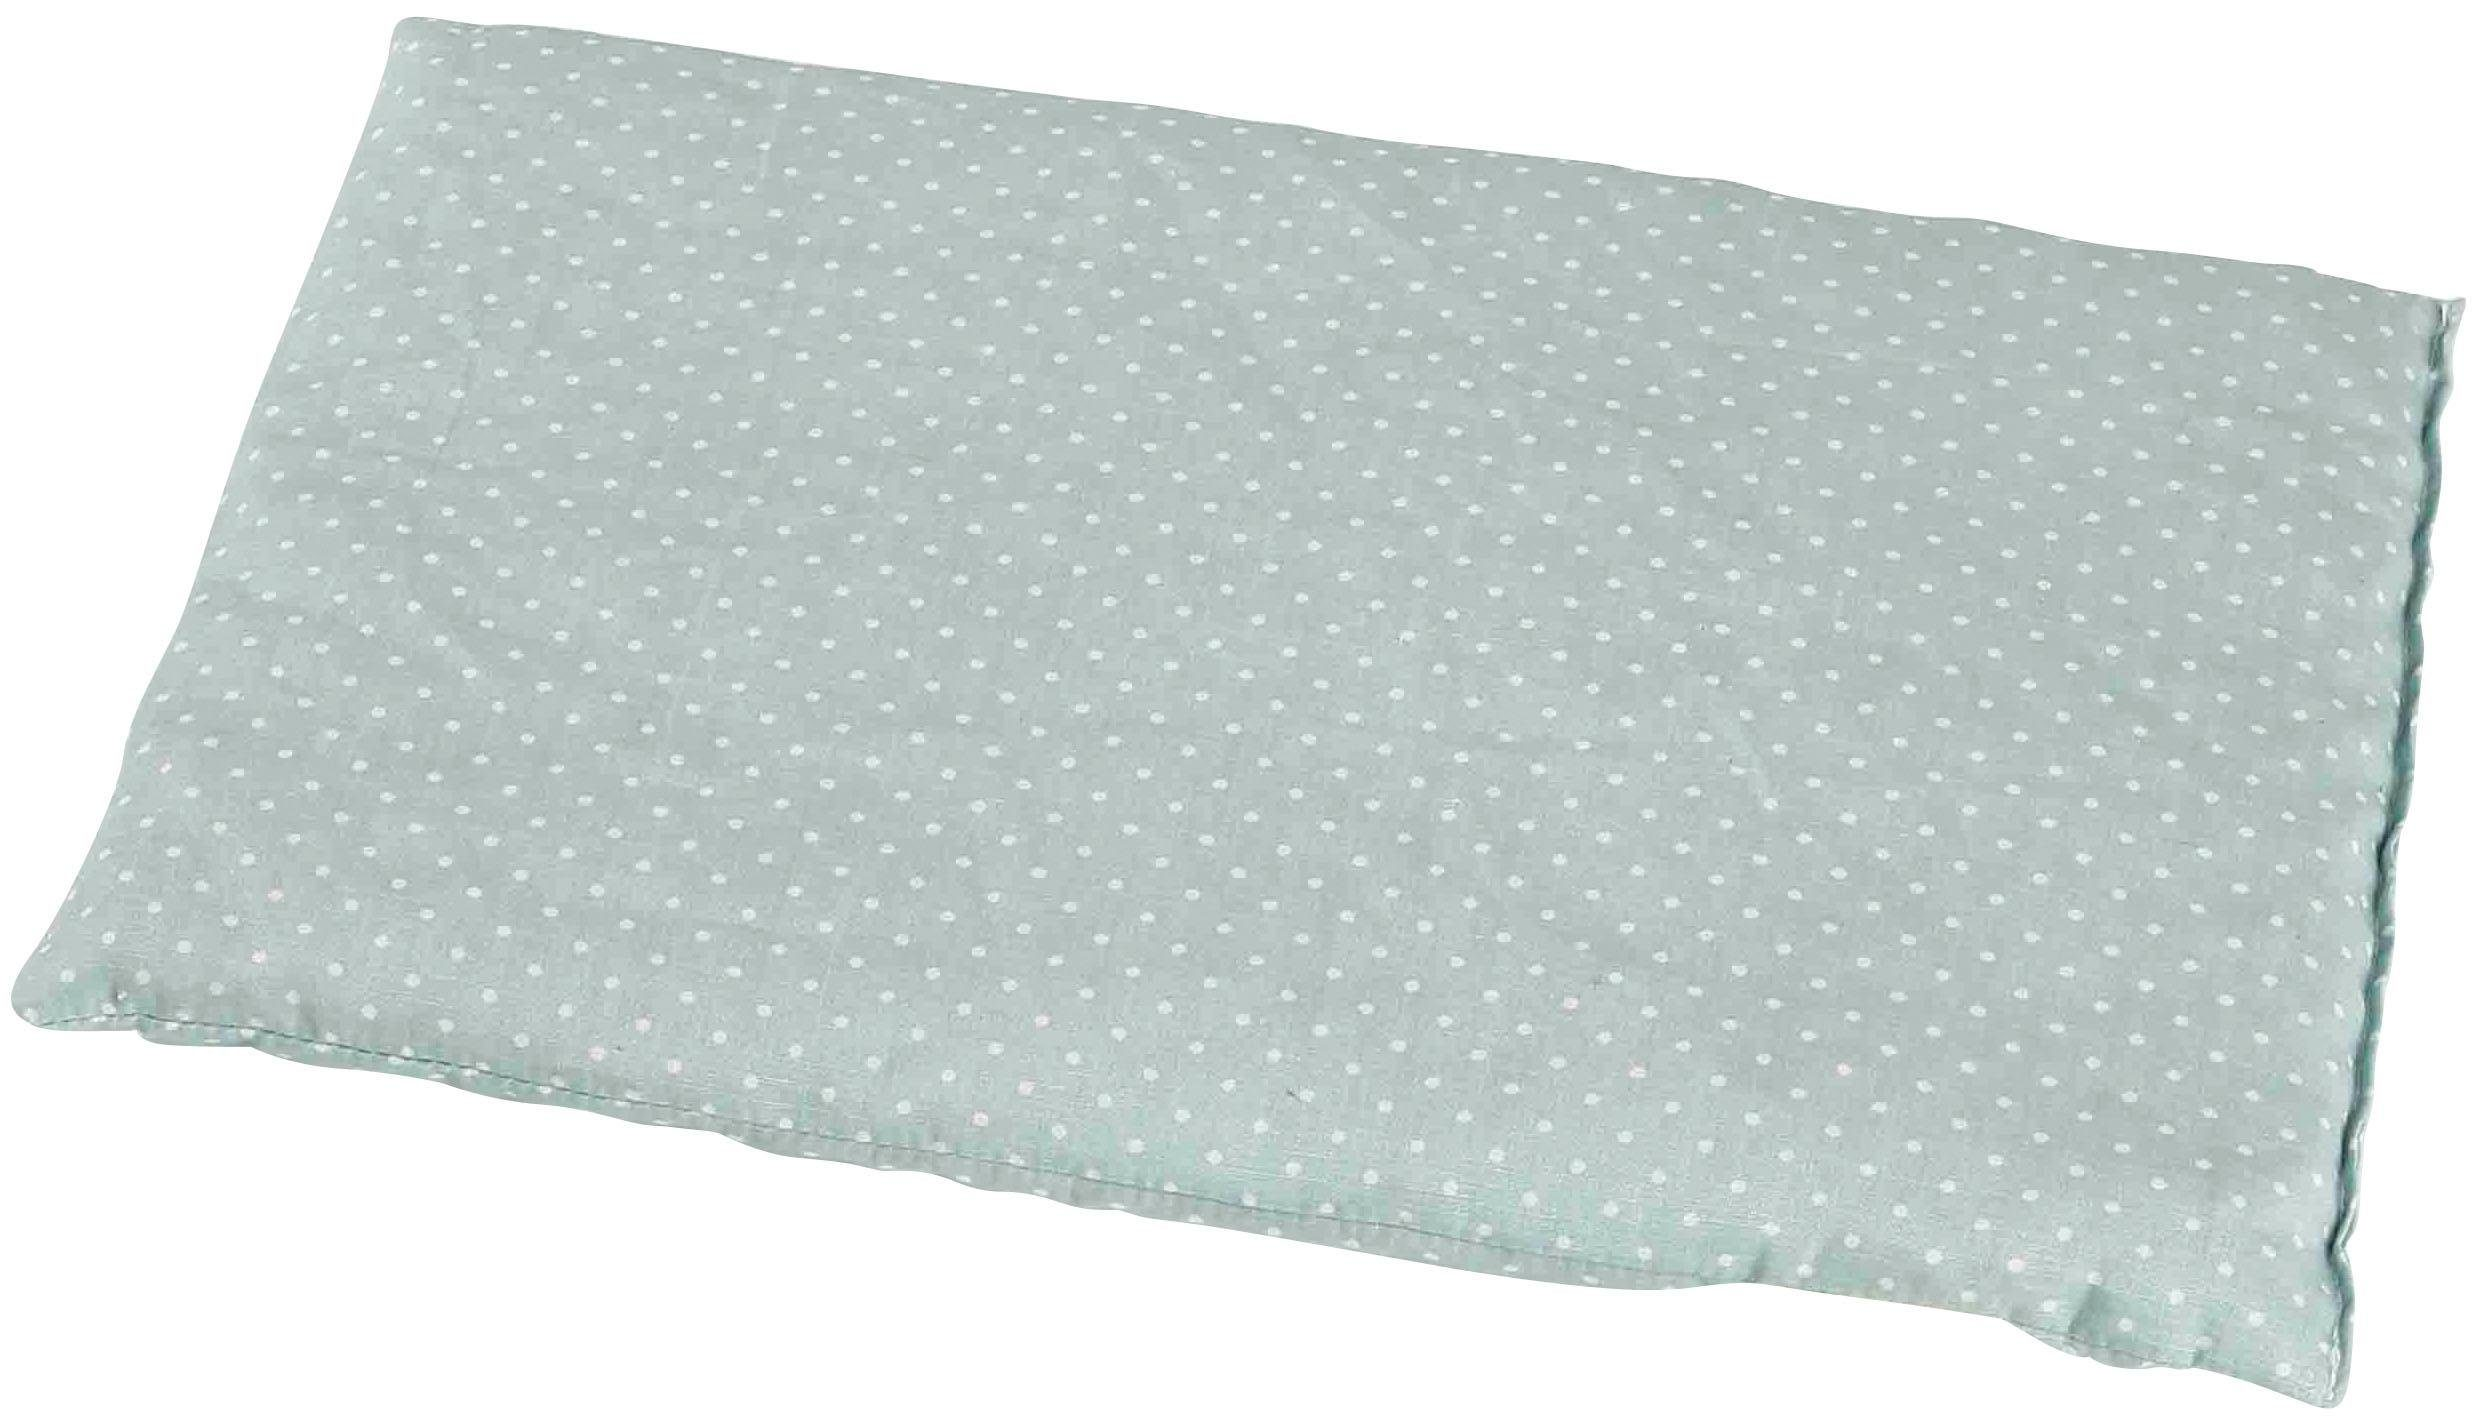 14 x 22 cm 1x Kirschkernkissen in W/ärmflaschenform mit kuscheligem abnehmbarem /Überzug ca